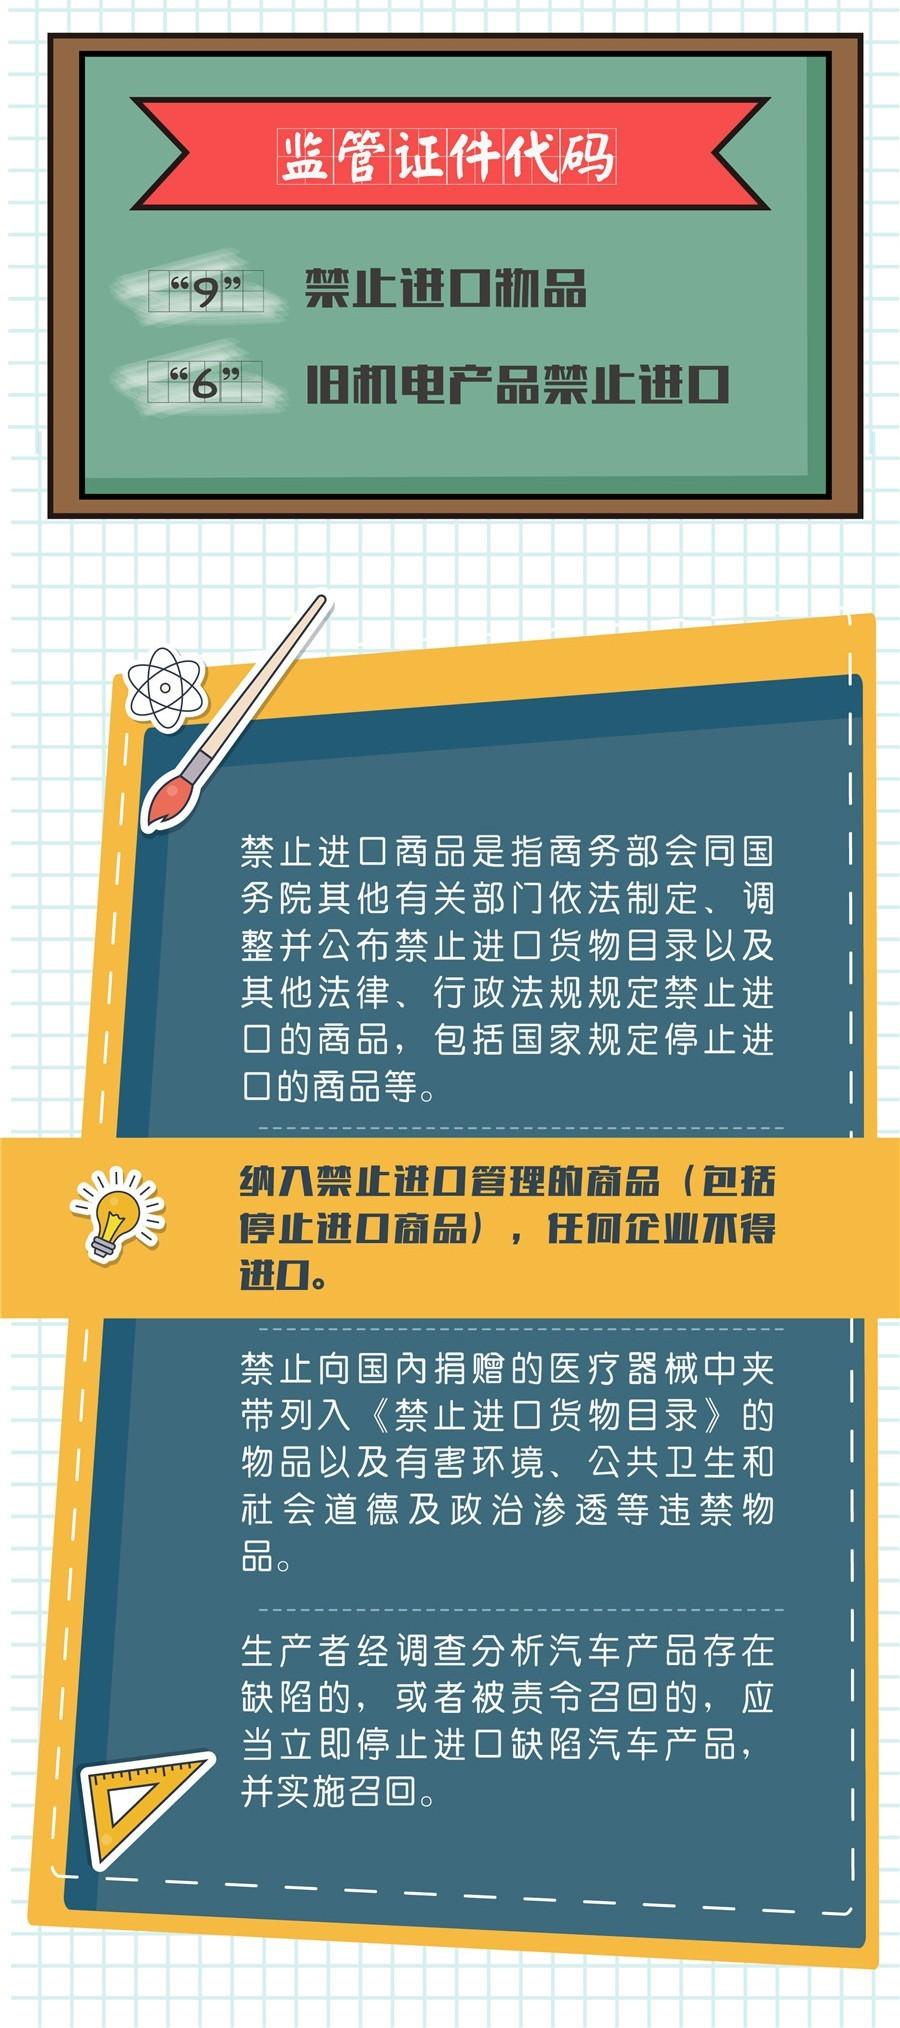 旧机电产品禁止进口3.jpg